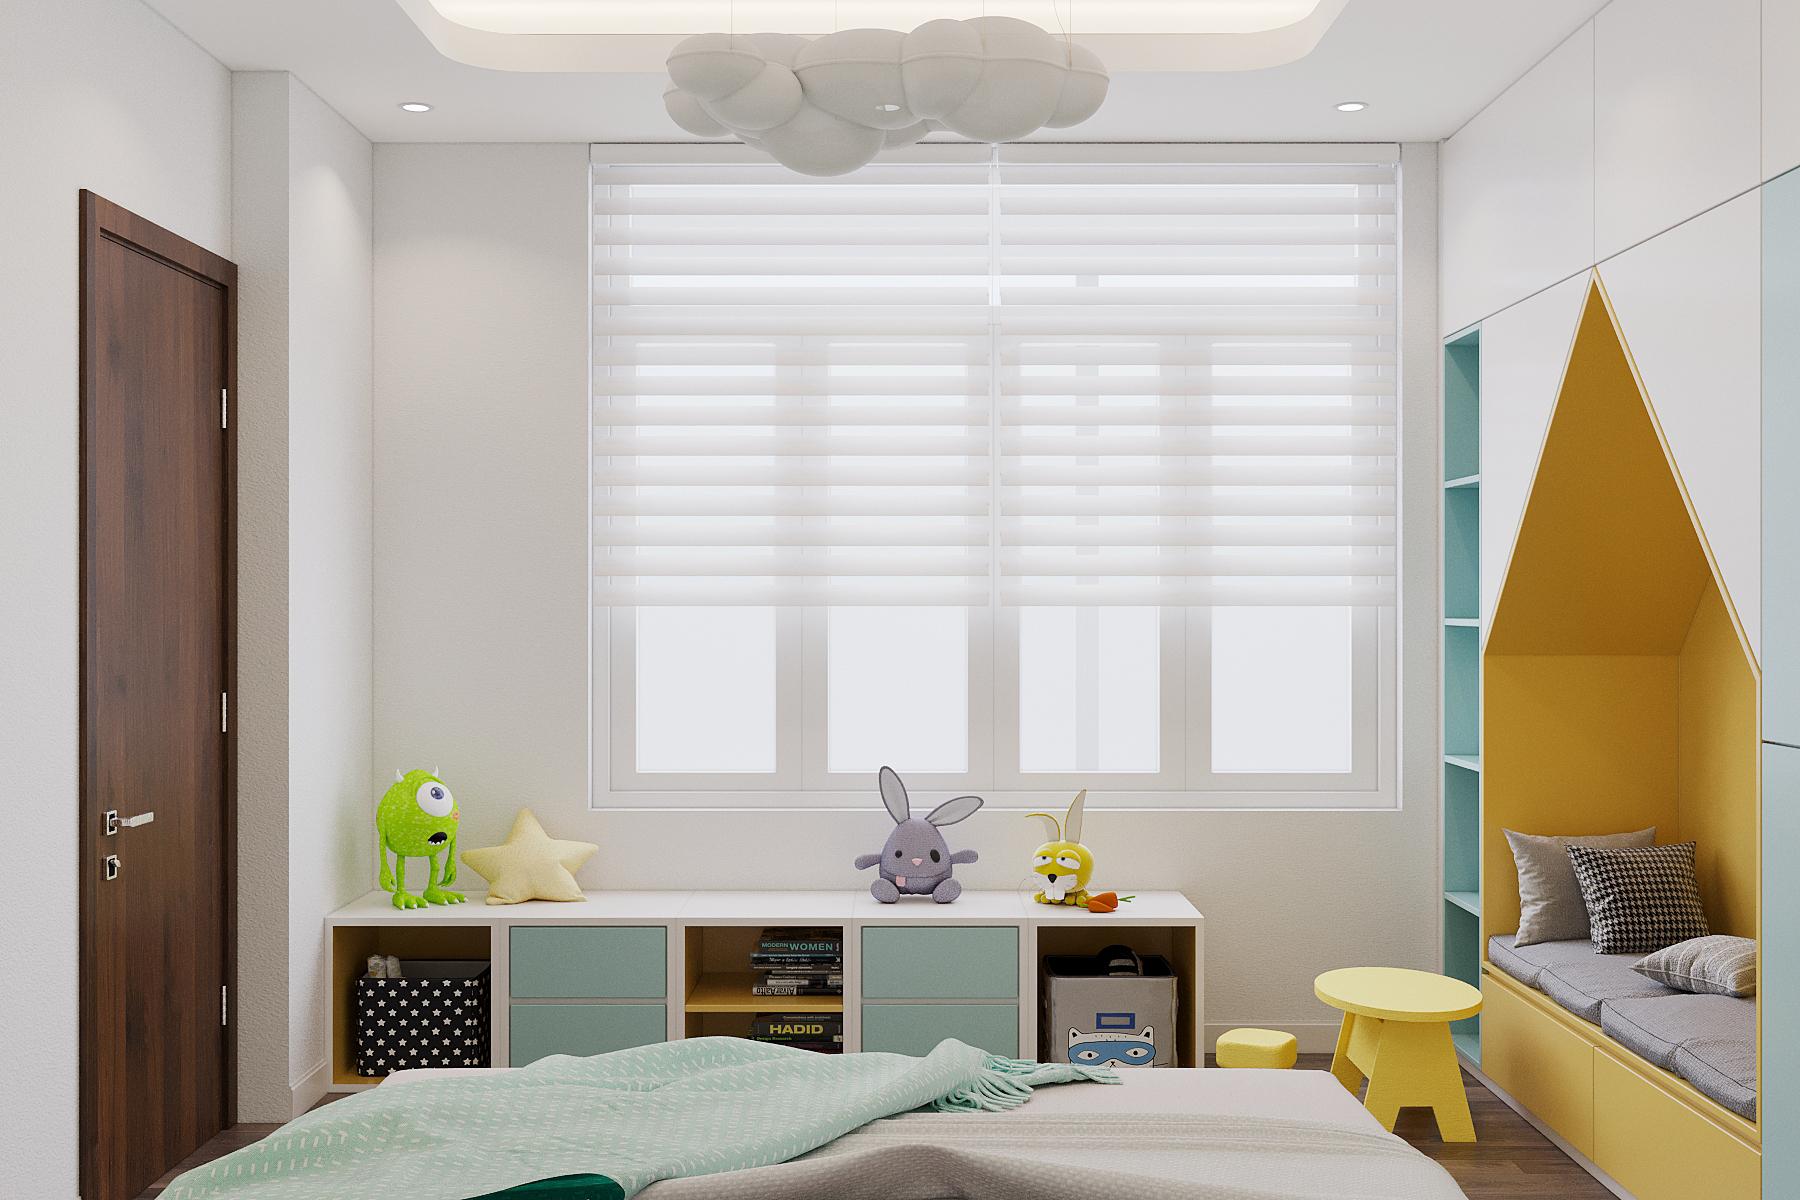 Thiết kế nội thất Nhà tại Quảng Ninh nhà lô anh Hiếu Uông Bí 1627033785 11